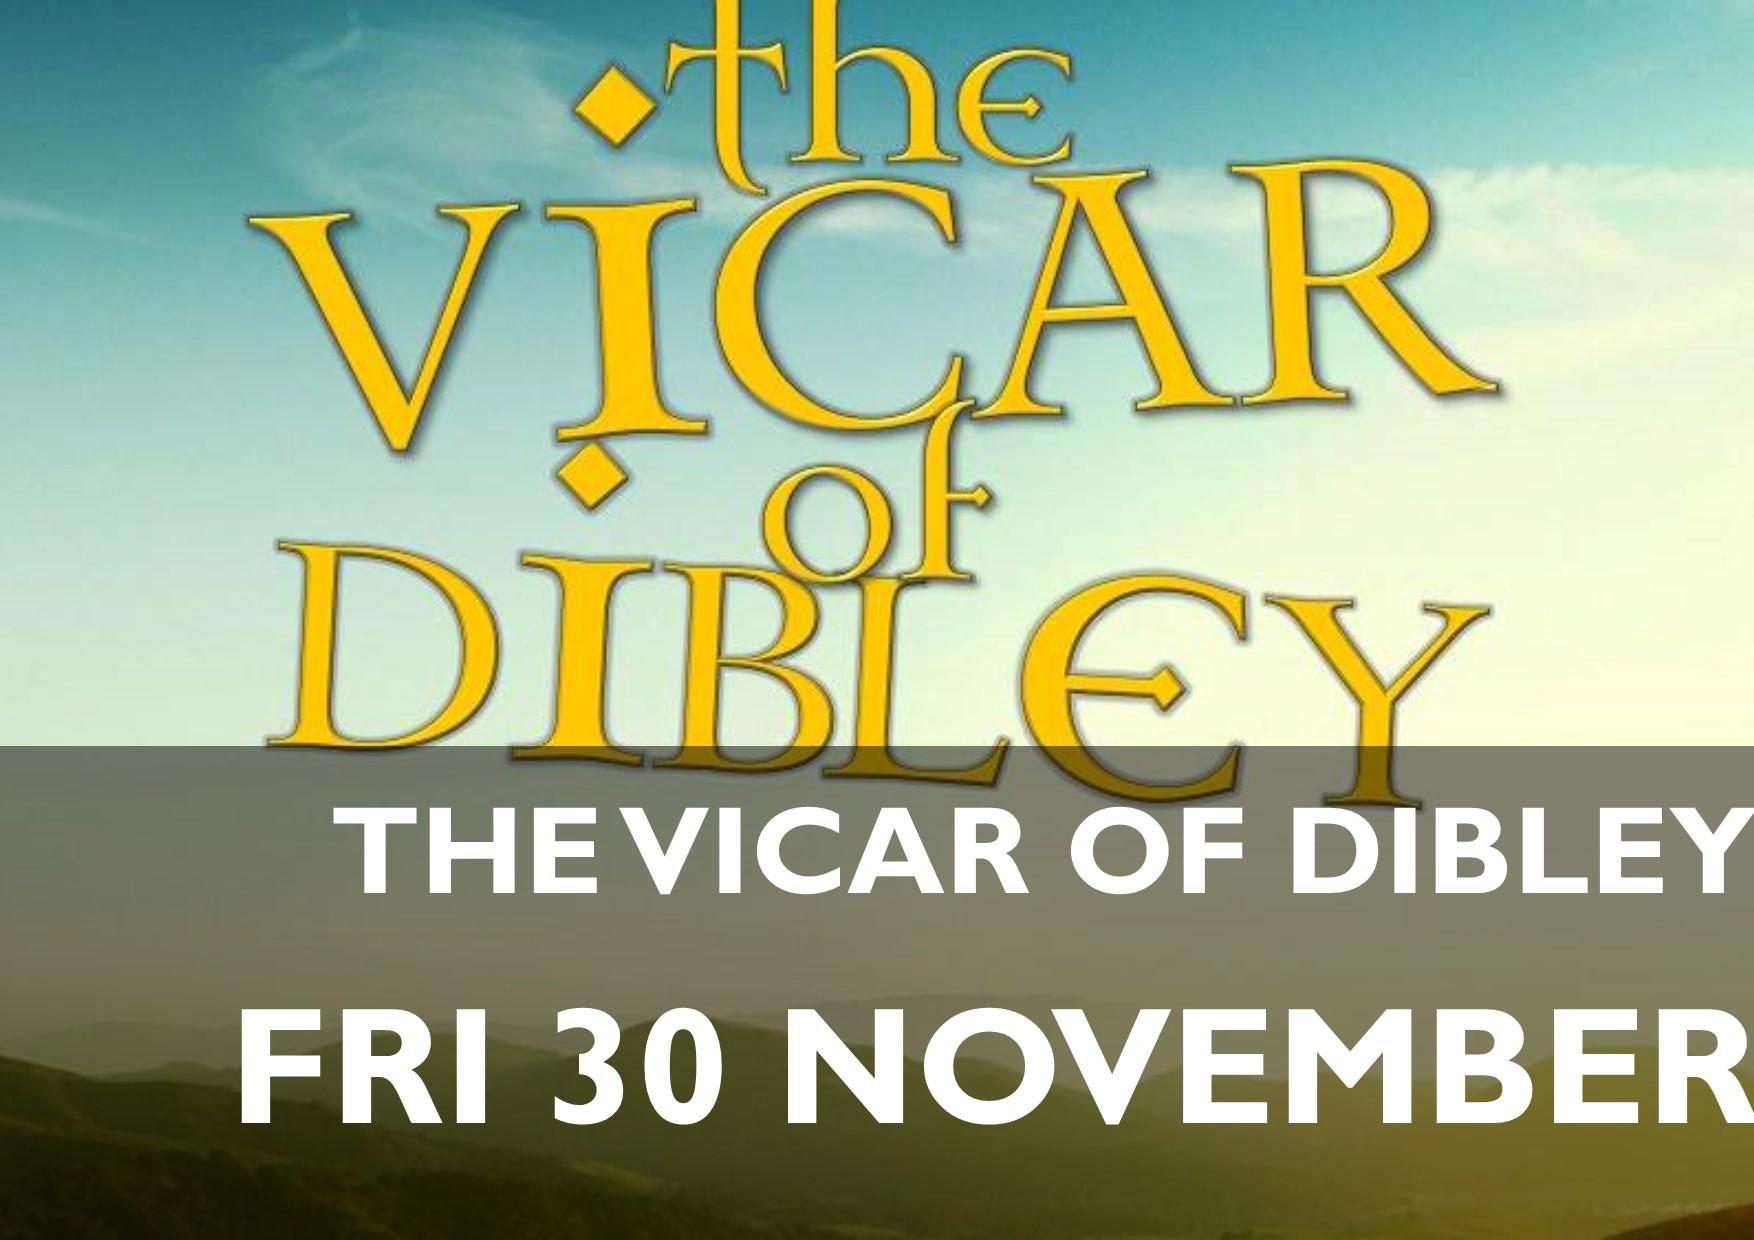 The Vicar of Dibley at Christmas